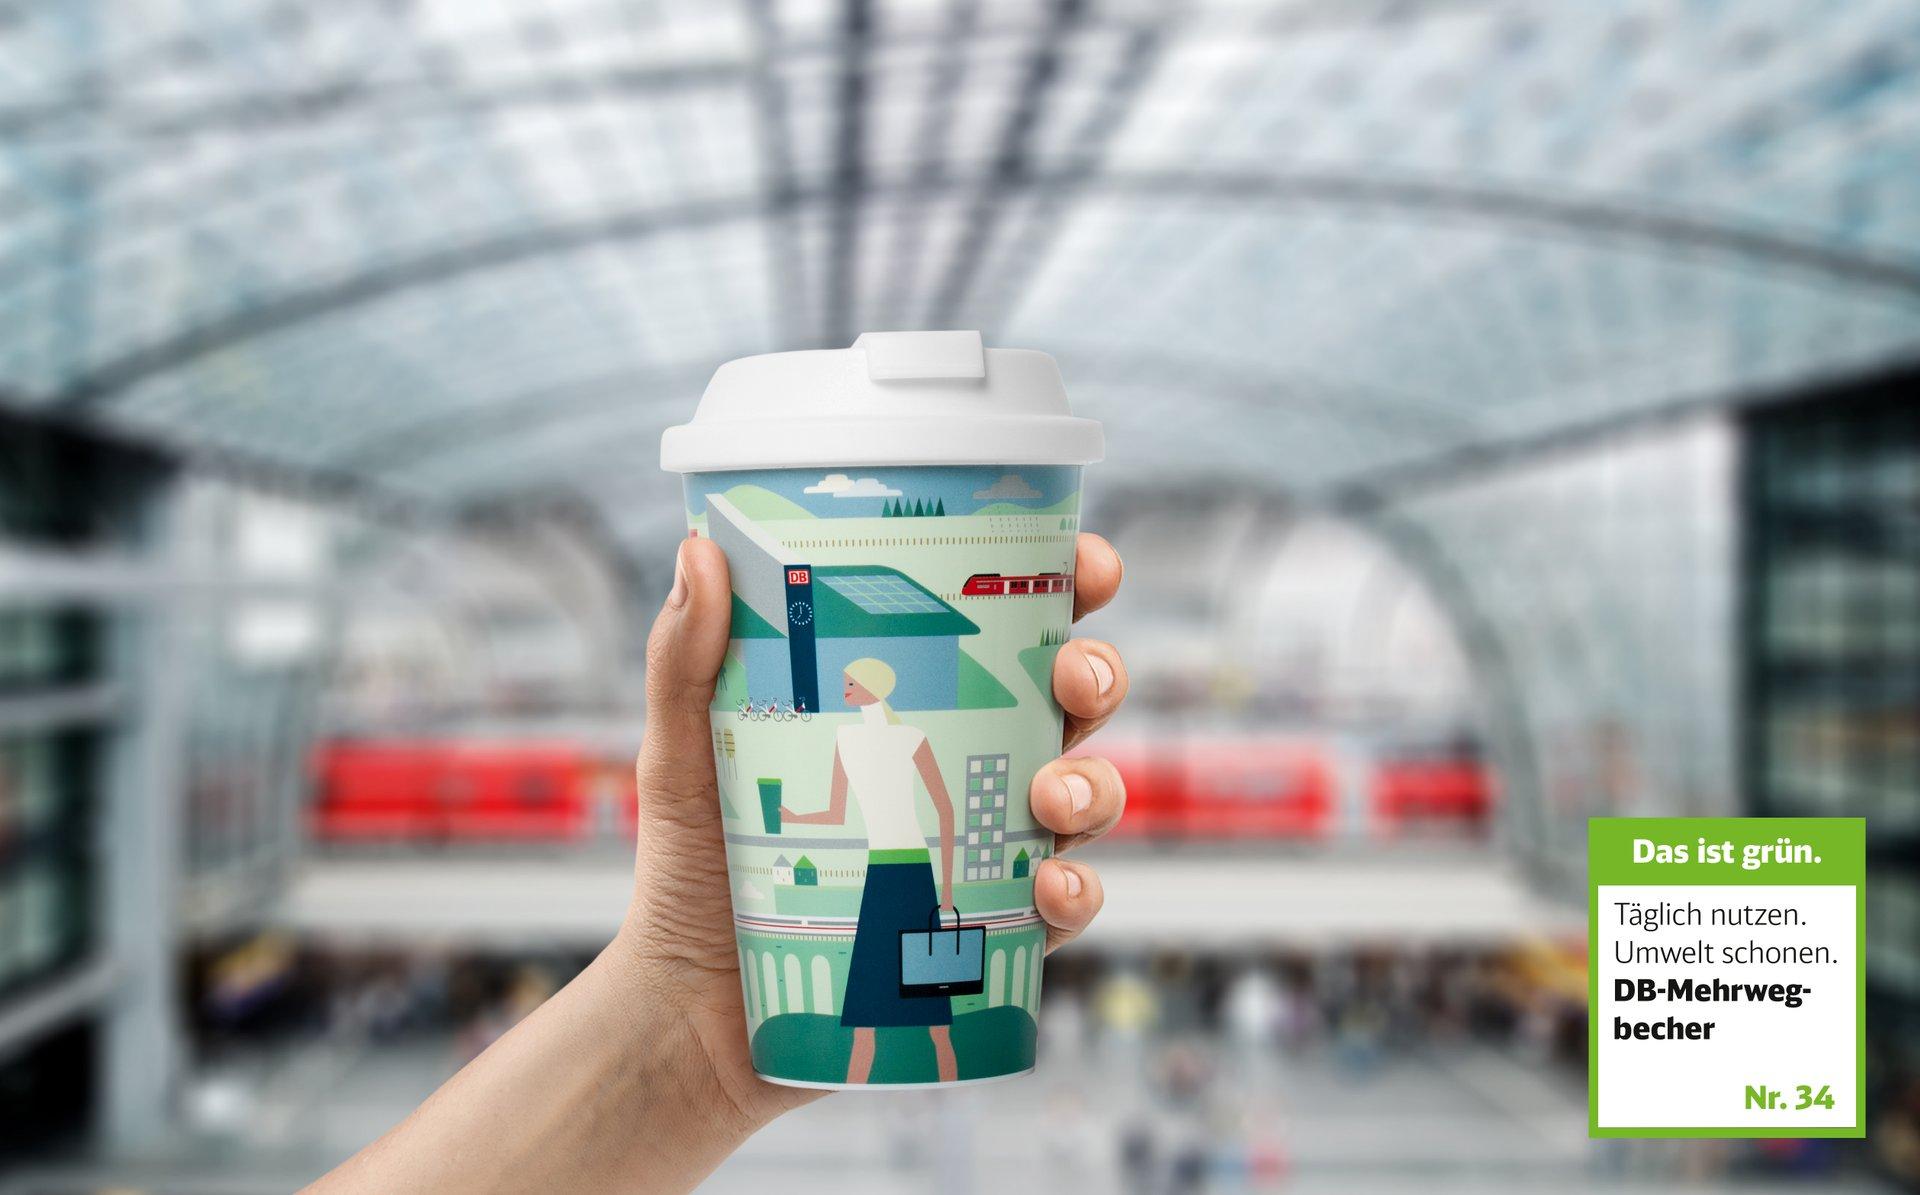 Scholz Volkmer Deutsche Bahn Kampagne Das Ist Grün